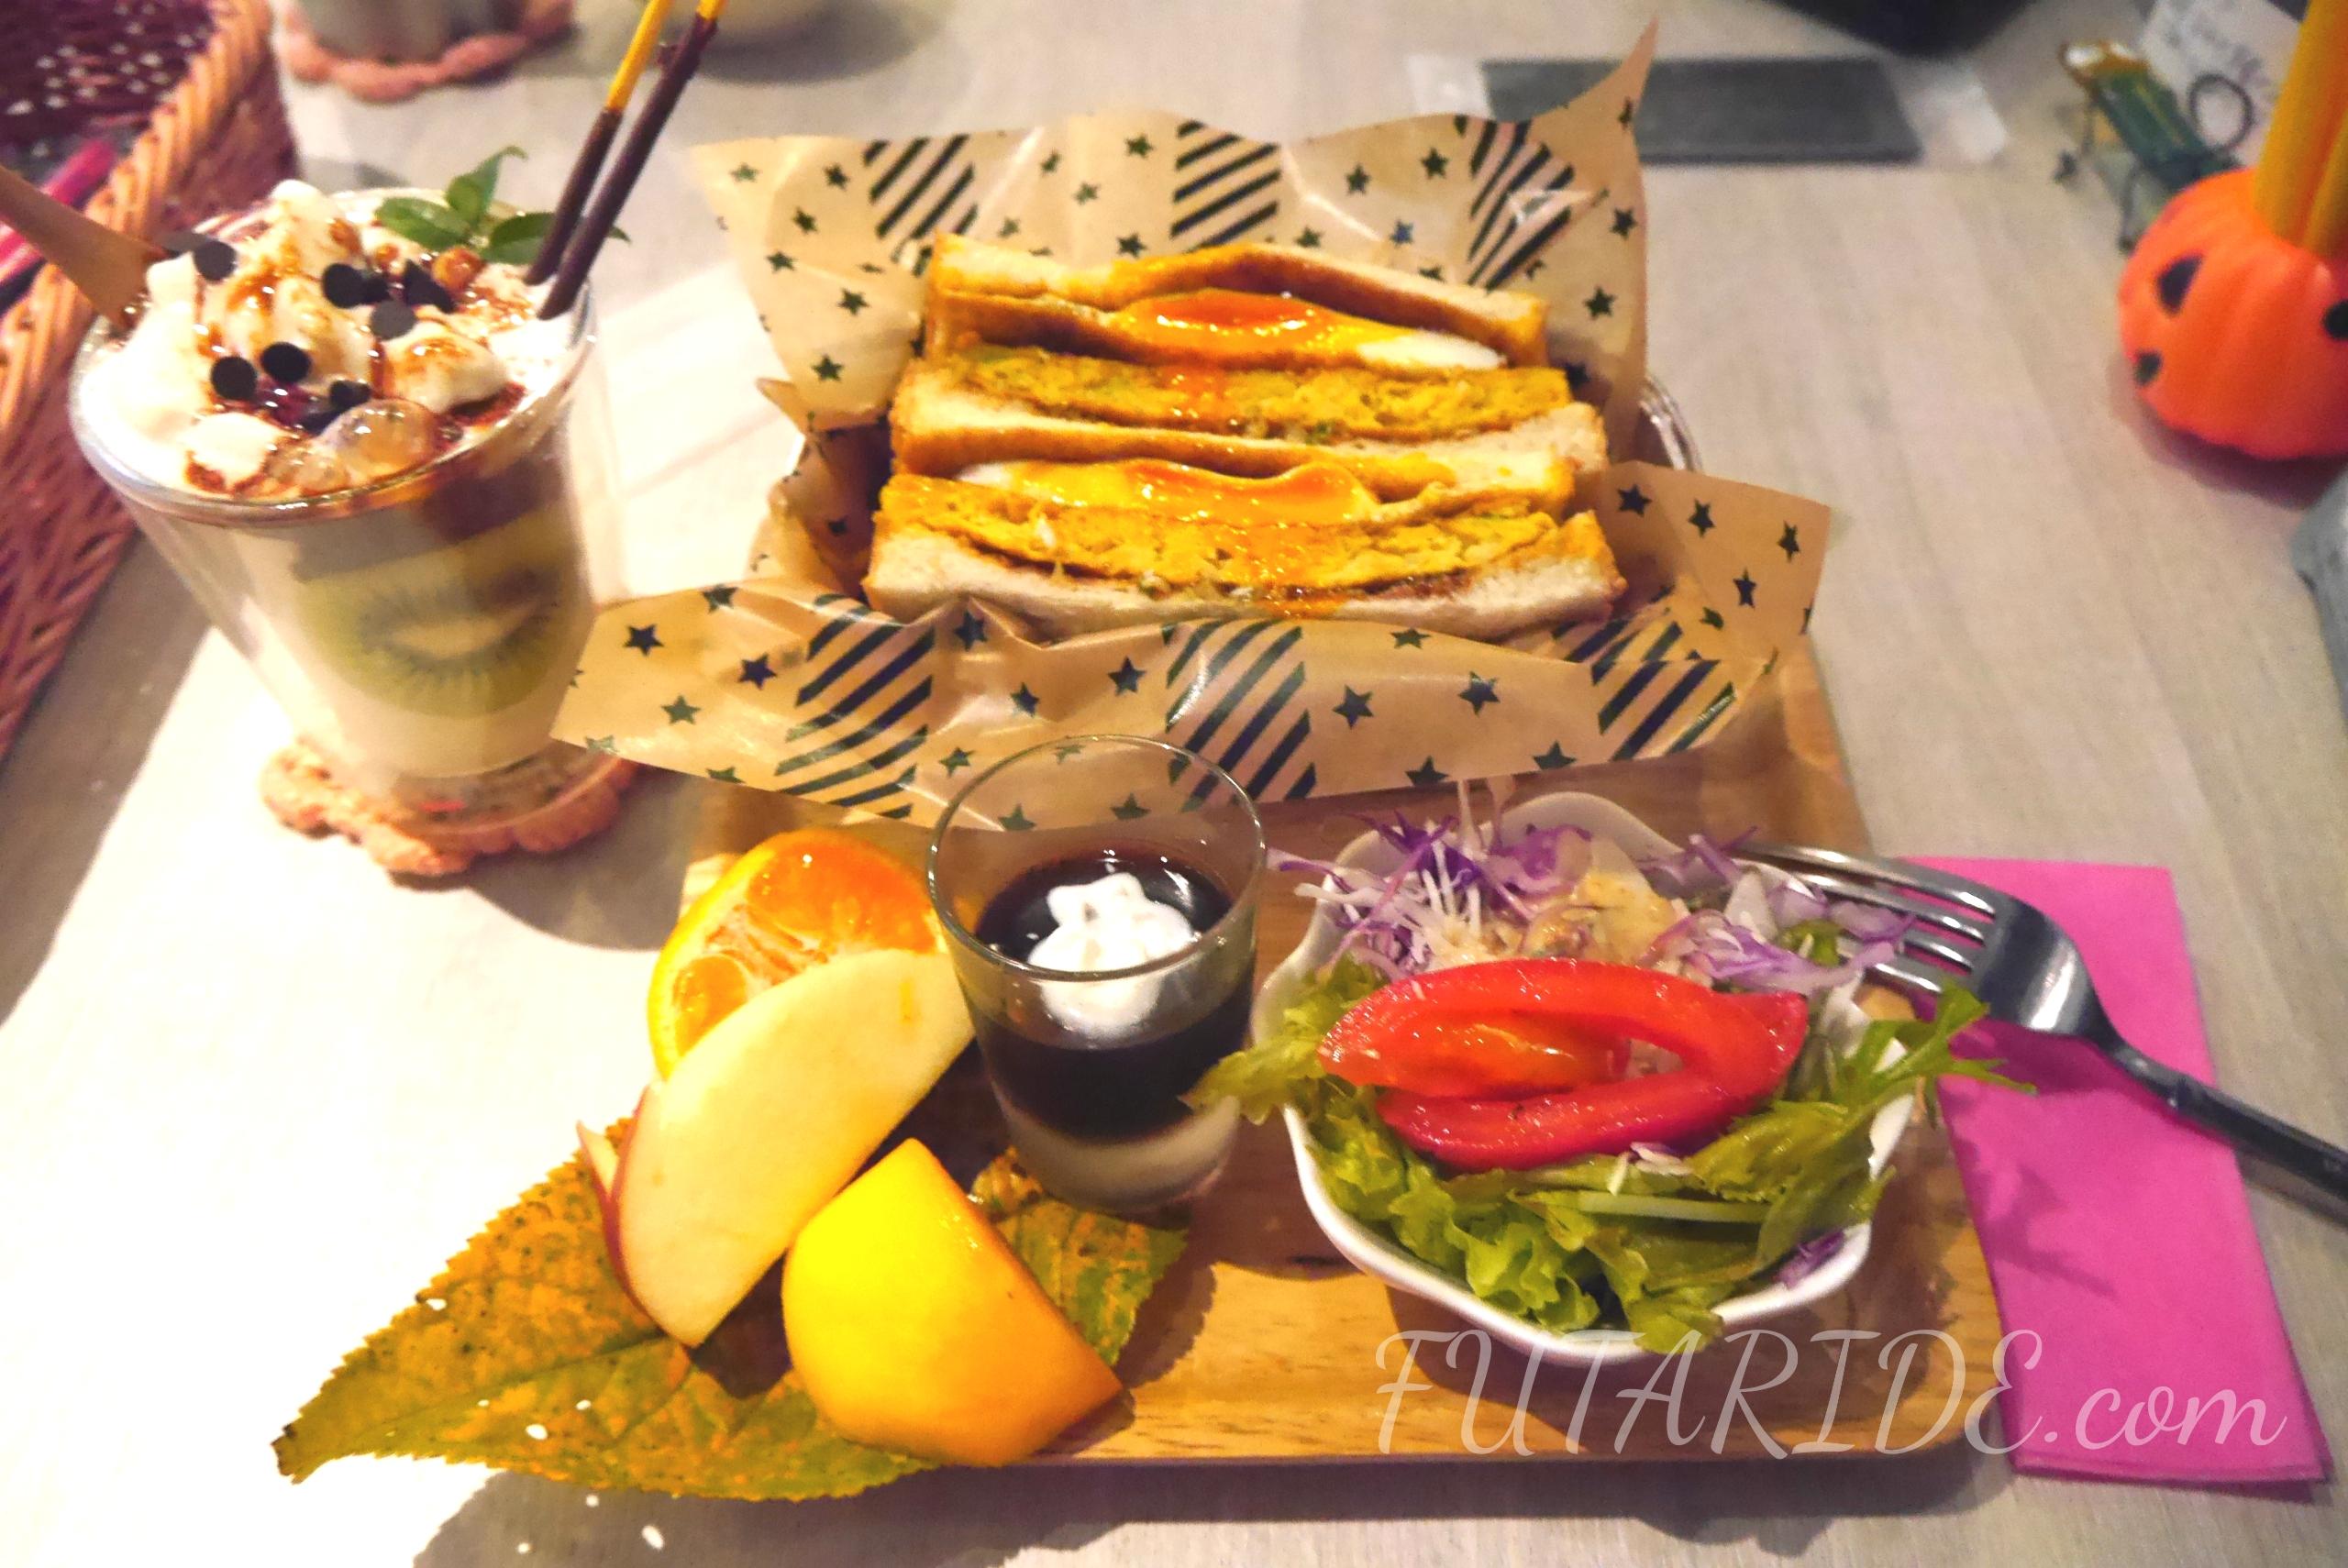 【STAGE】お好み焼きサンドが美味しくてお洒落!穴場なアットホームカフェ【一宮モーニング】